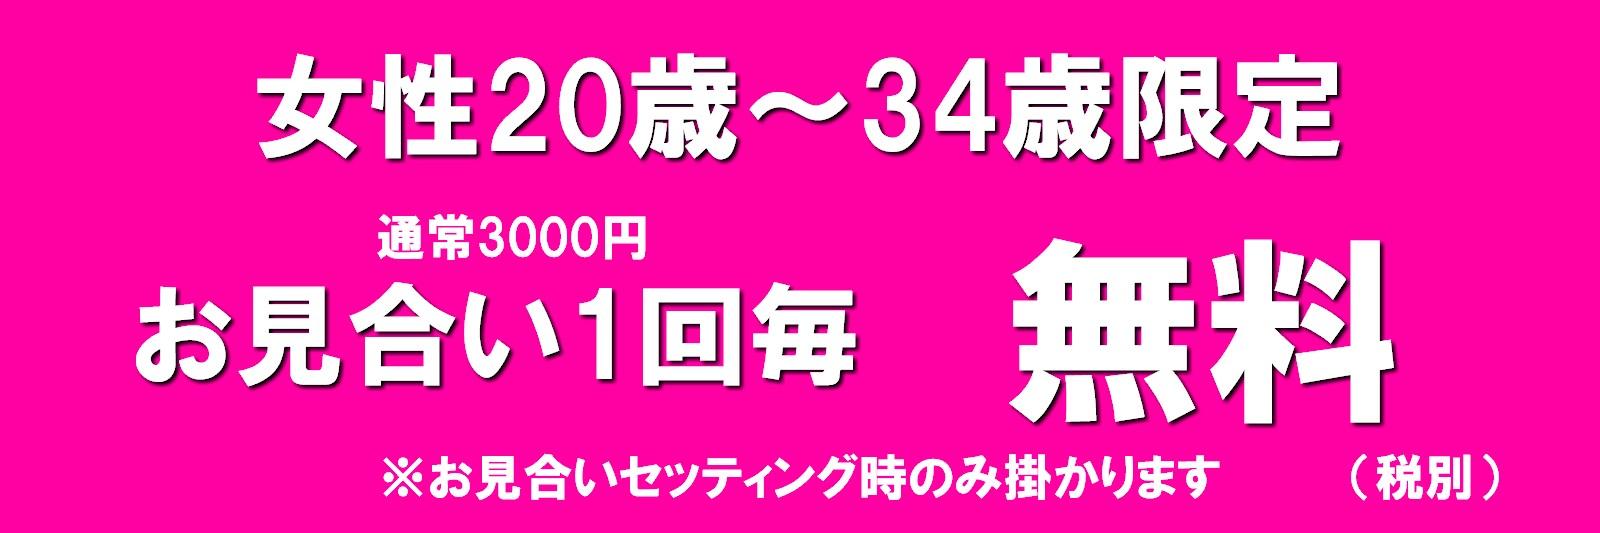 成功報酬型婚活|女性20歳~34歳限定クーポン・お見合い1回【1,000円】